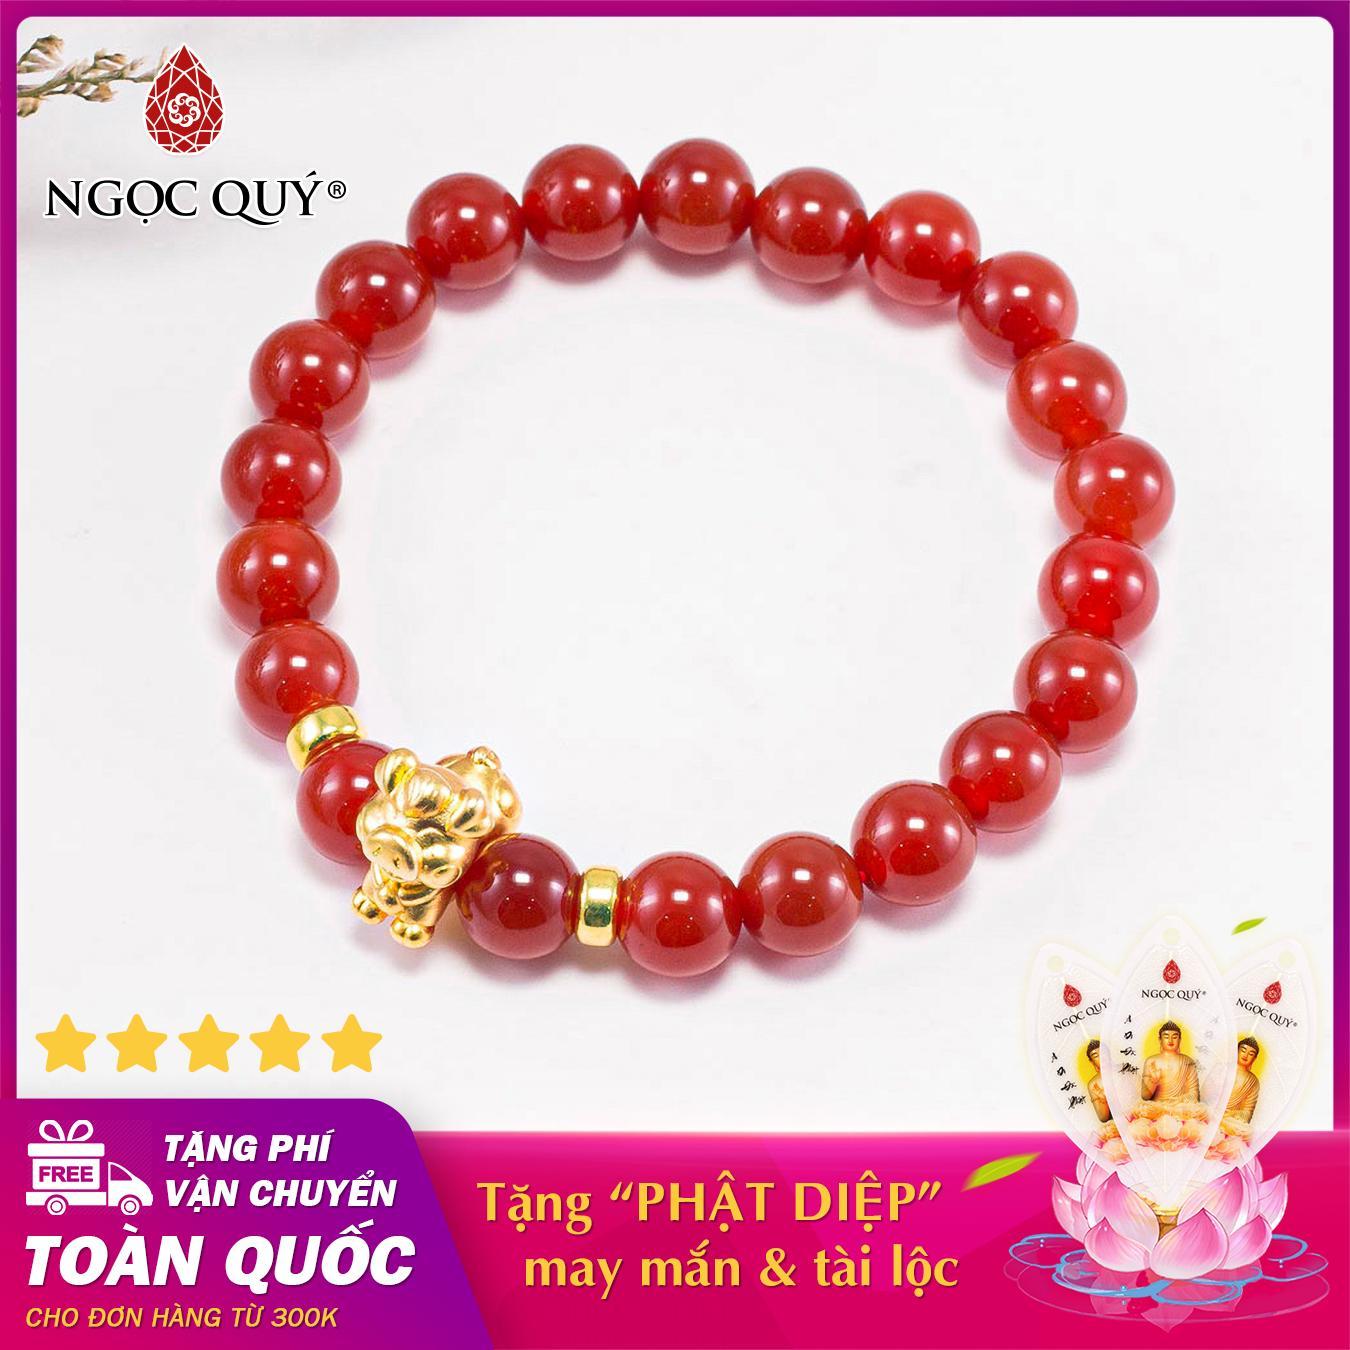 Vòng tay phong thủy đá mã não đỏ charm tuổi hợi bạc mạ vàng 24k mệnh hỏa , thổ - Ngọc Quý Gemstones